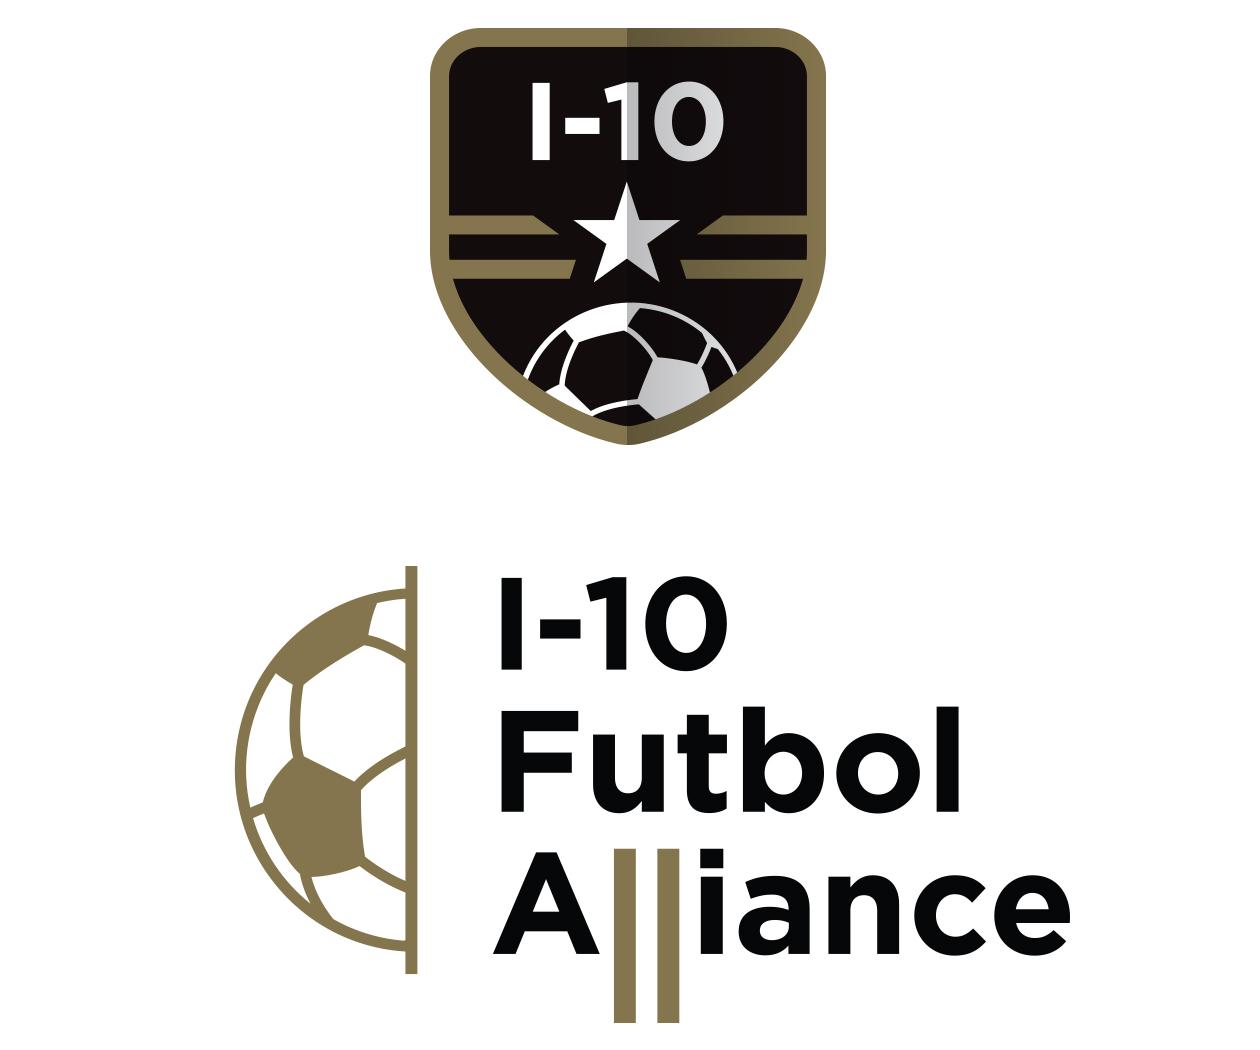 custom-soccer-badge-and-logo-for-I-10-soccer-by-jordan-fretz-design.jpg